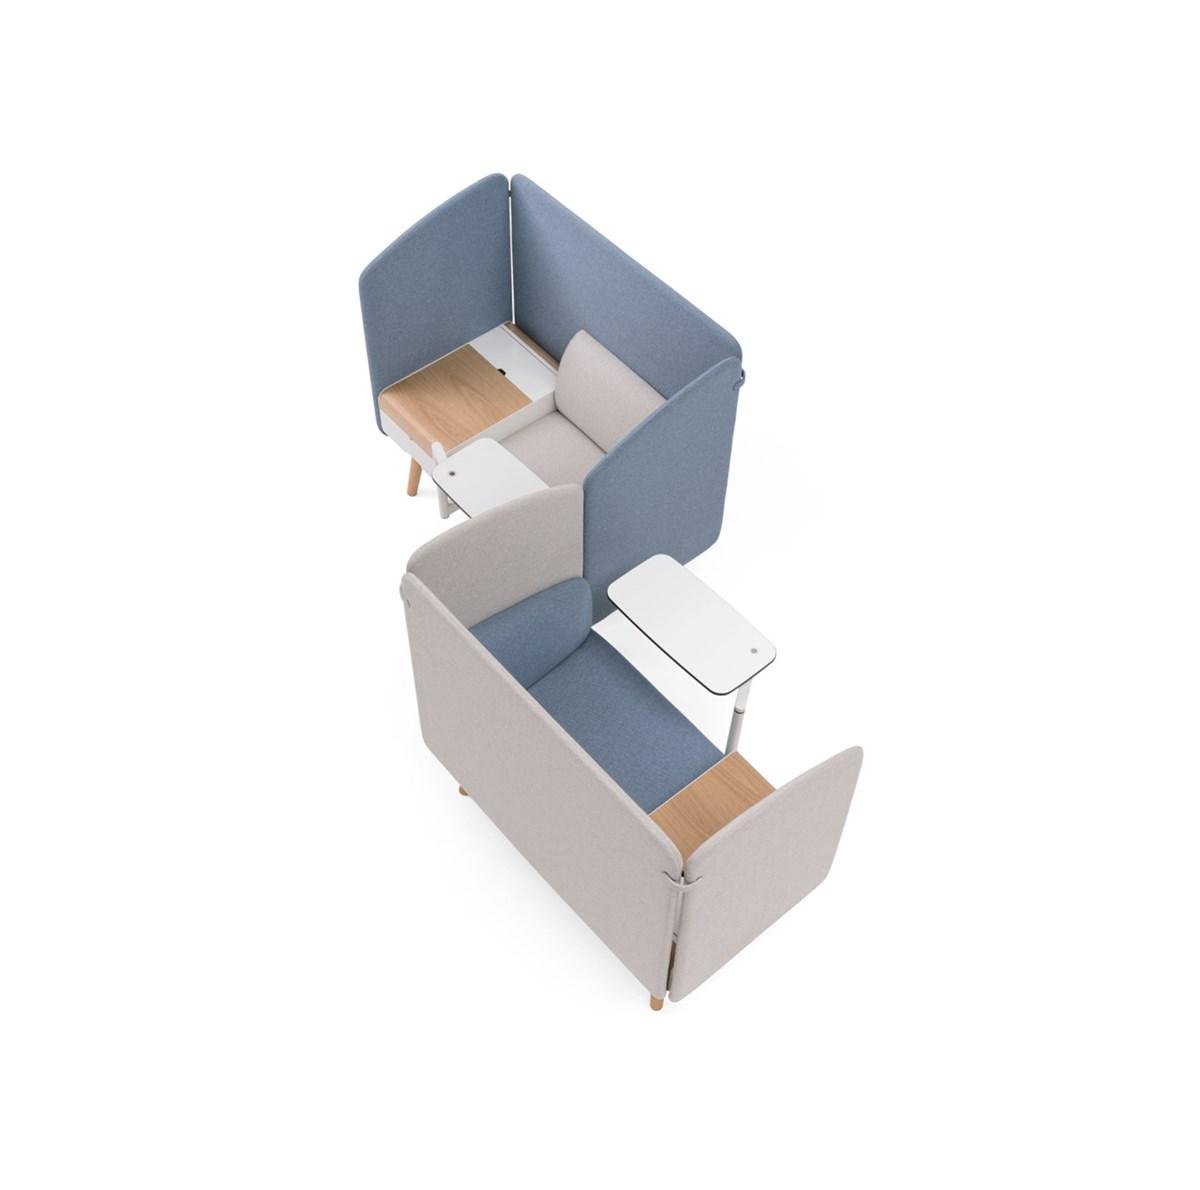 Sedus-Se:works-System-Matisse-2